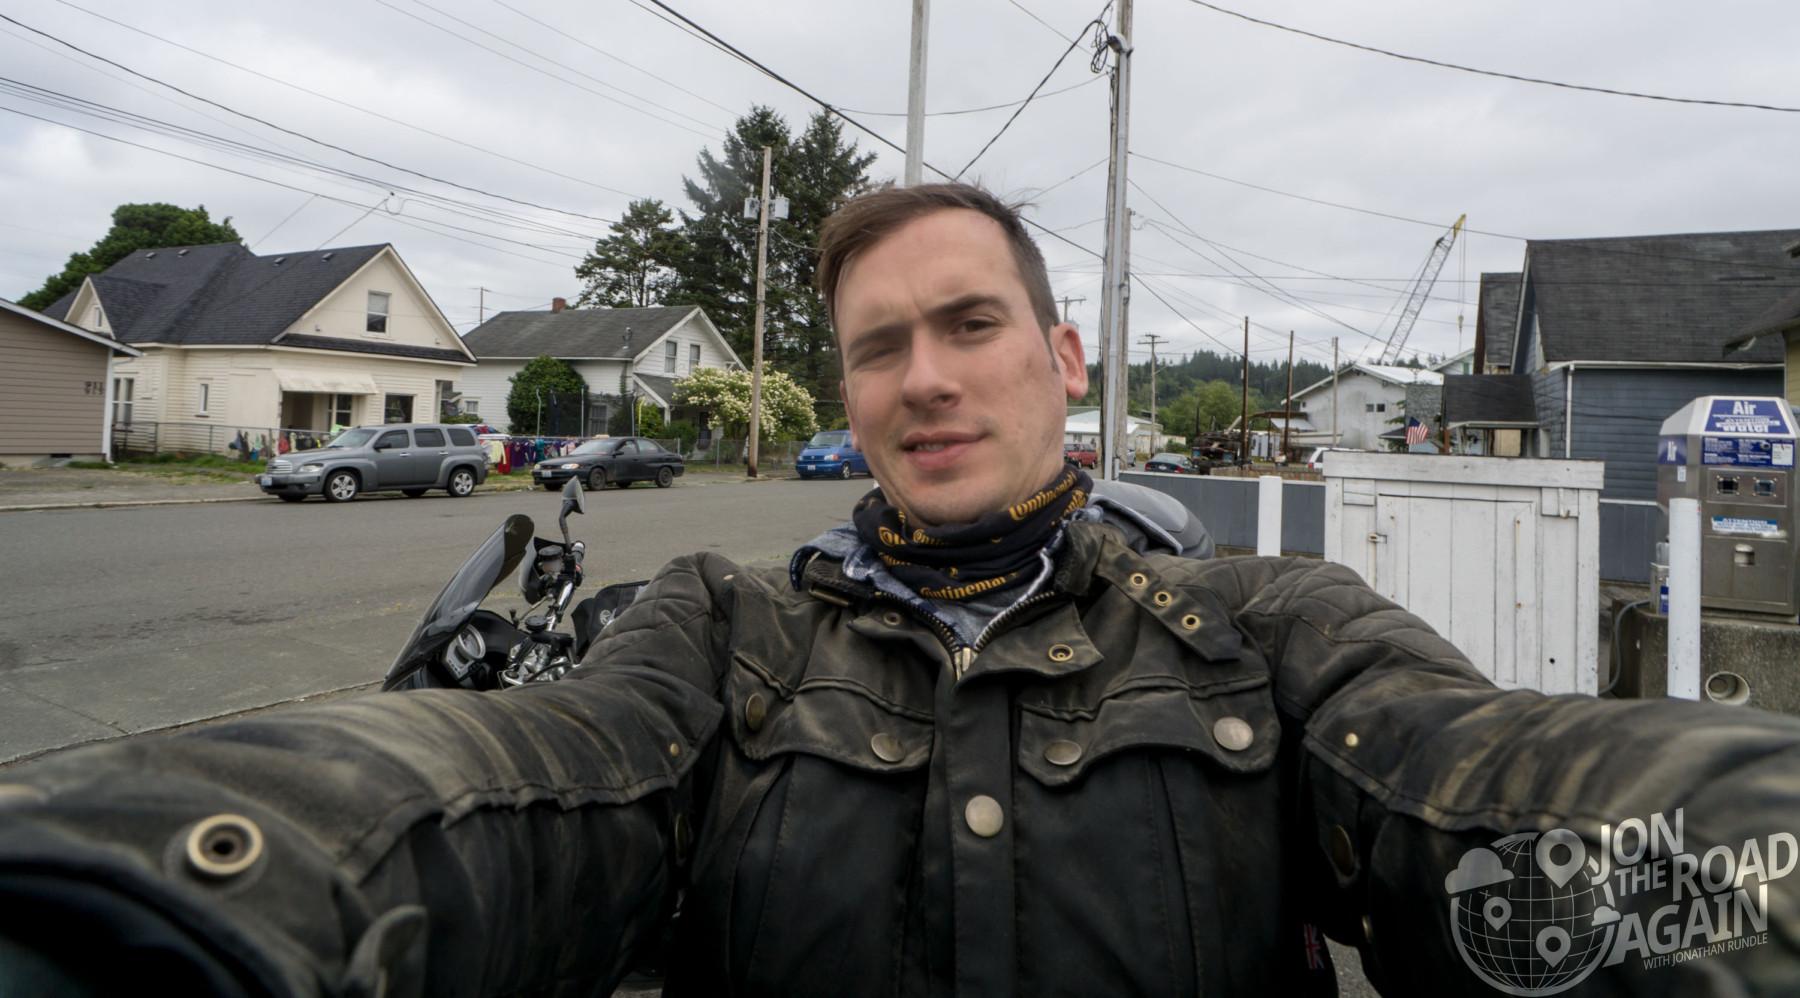 Dirty biker bloke